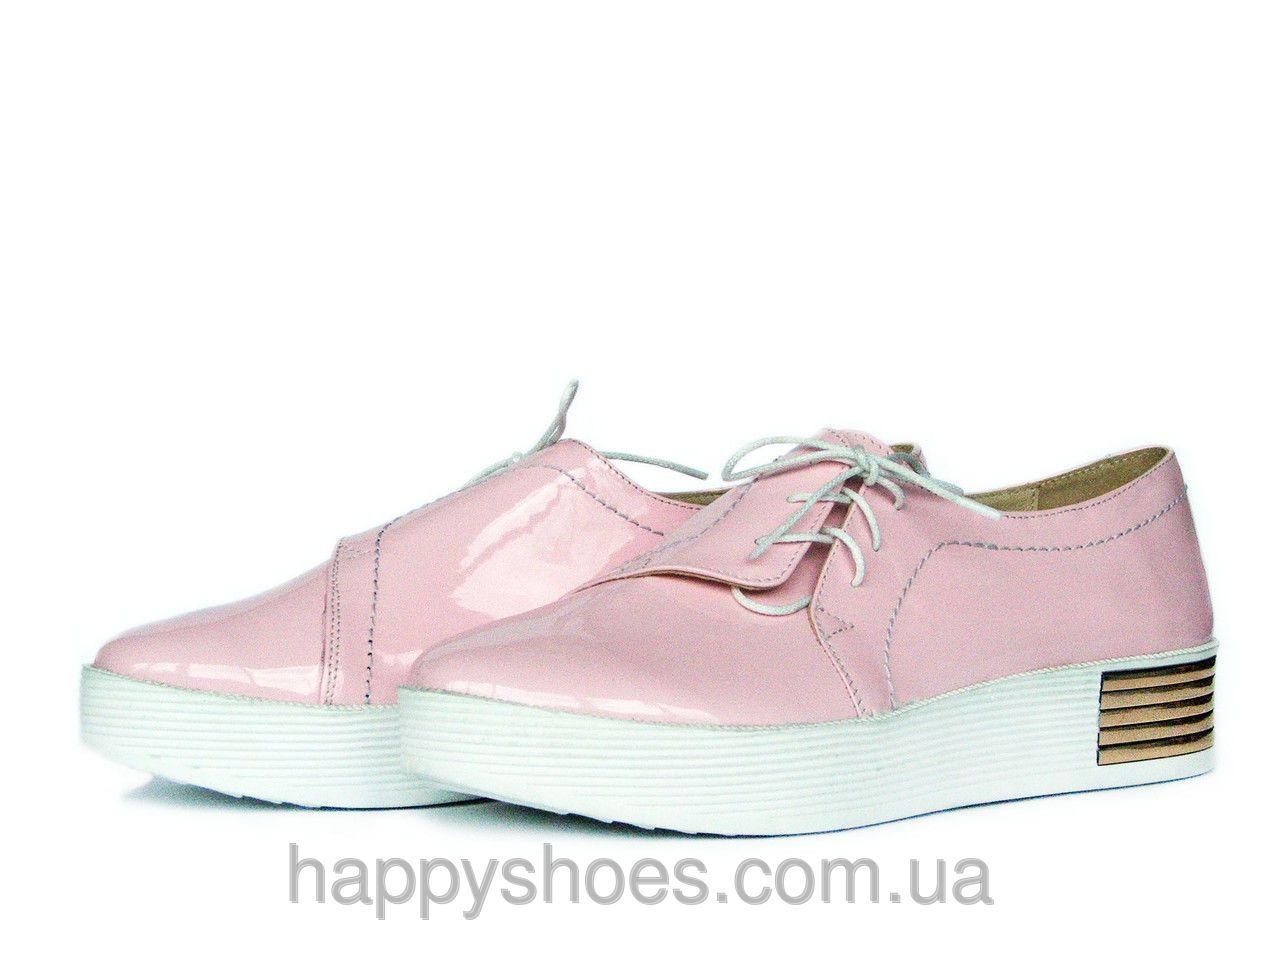 Женские розовые лаковые слипоны с боковой шнуровкой  продажа 7a60e5020abd2